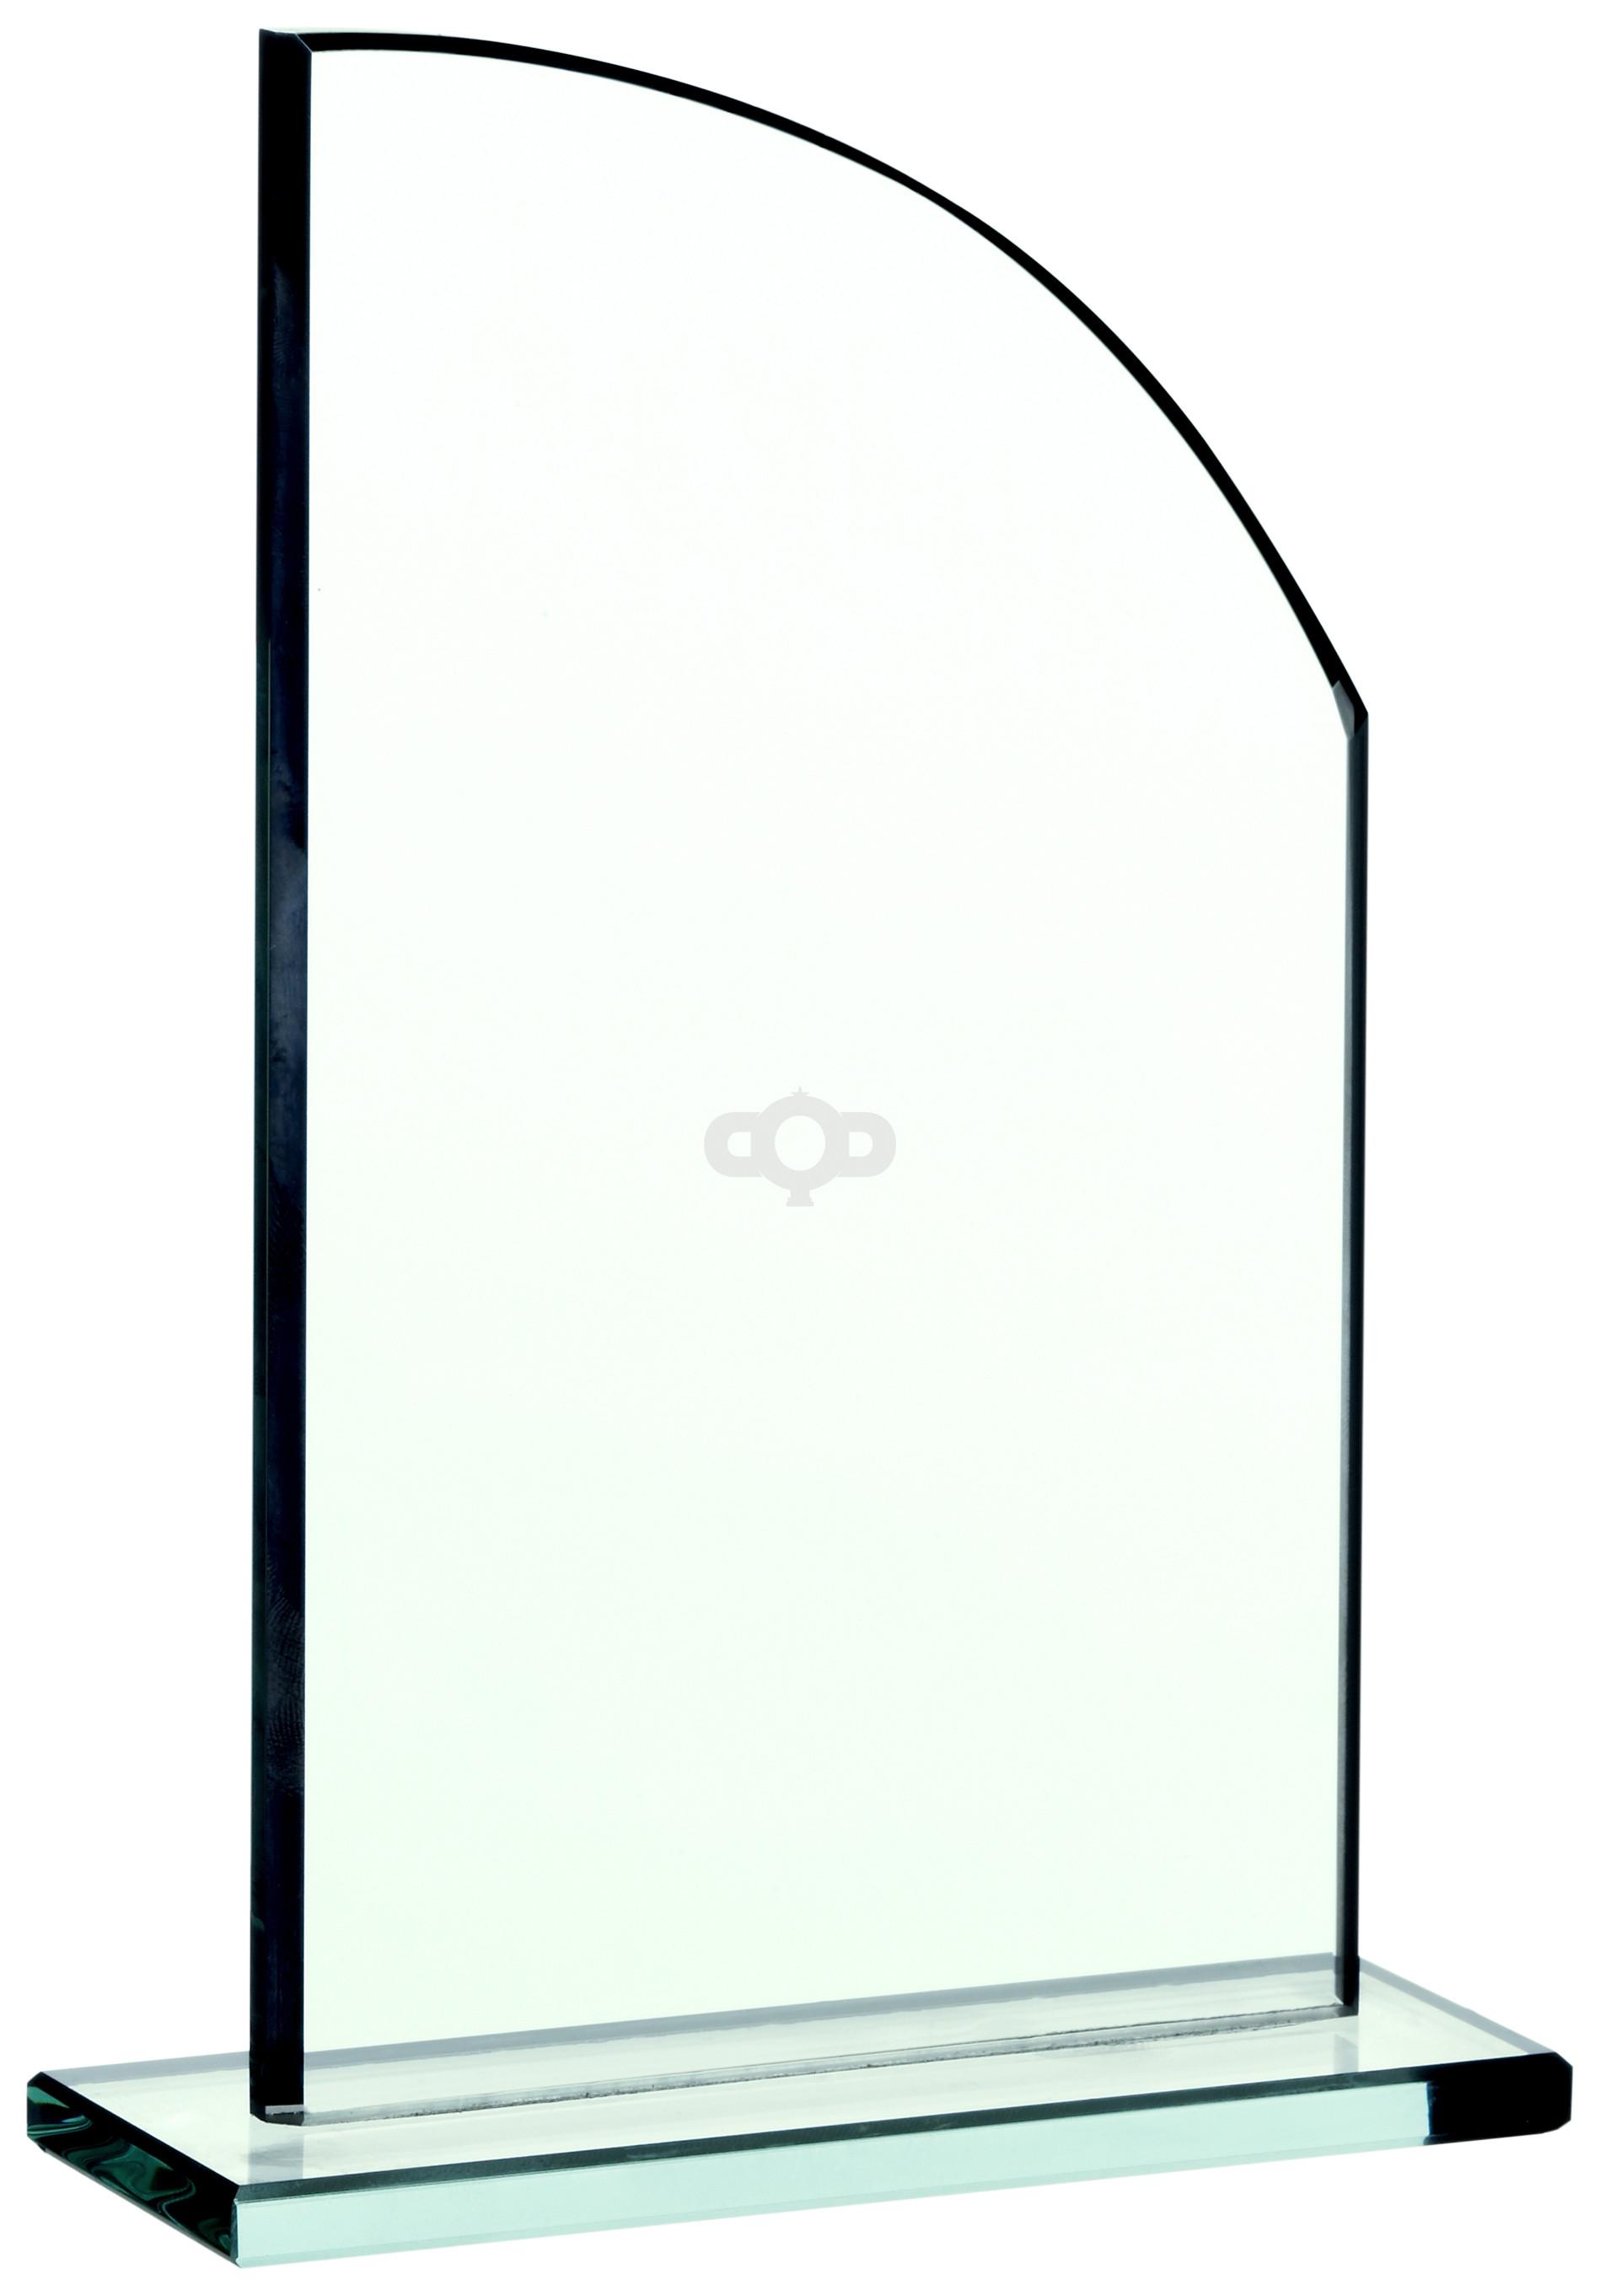 Glass Plaque Award